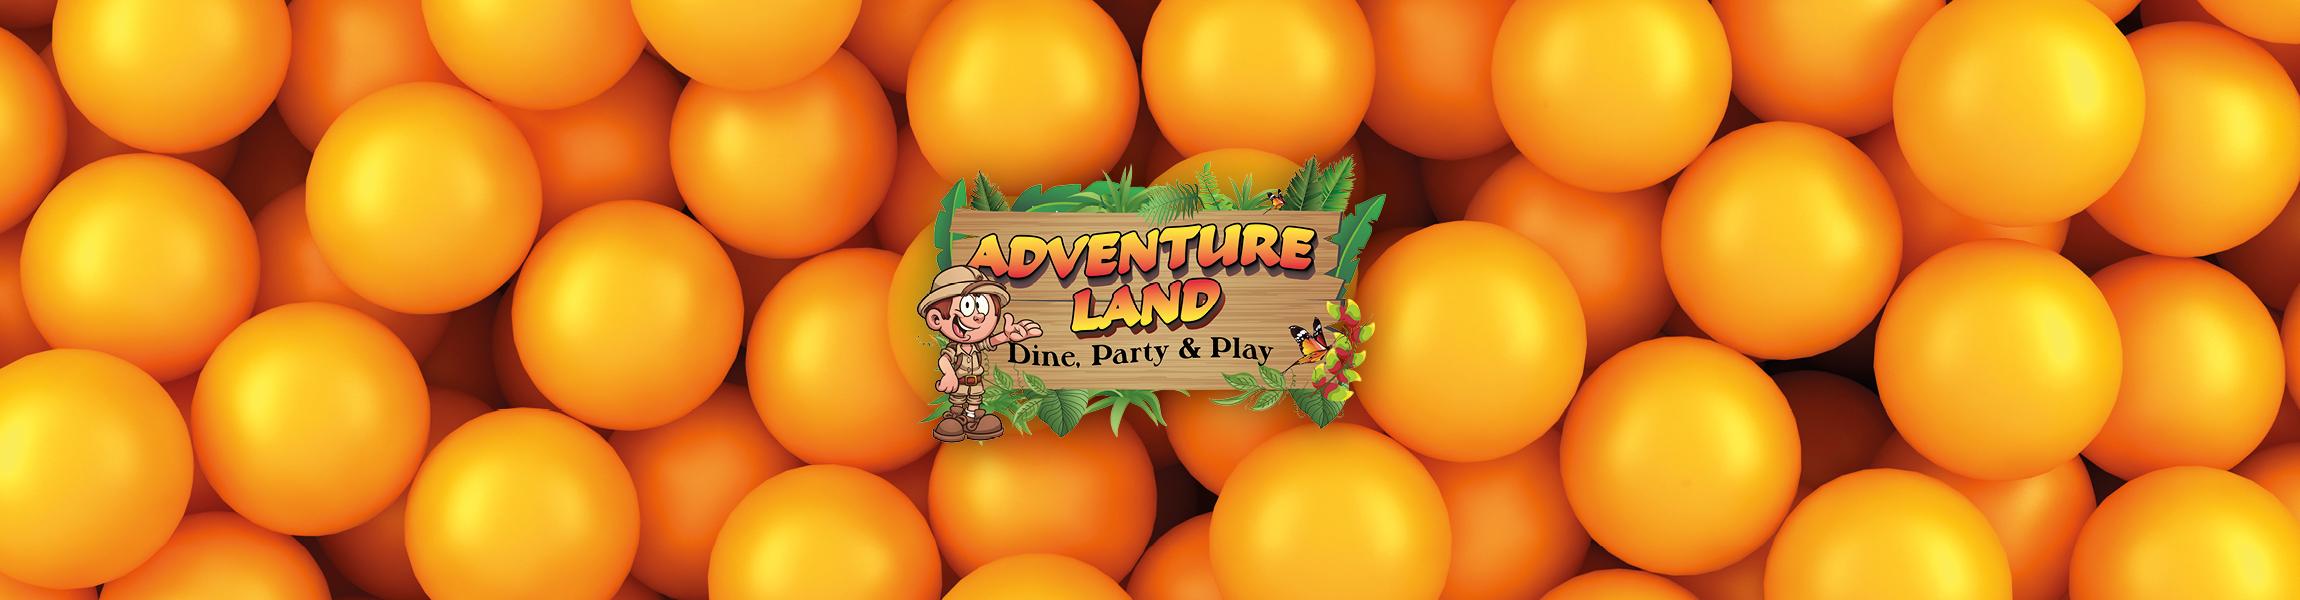 Adventure Land Header